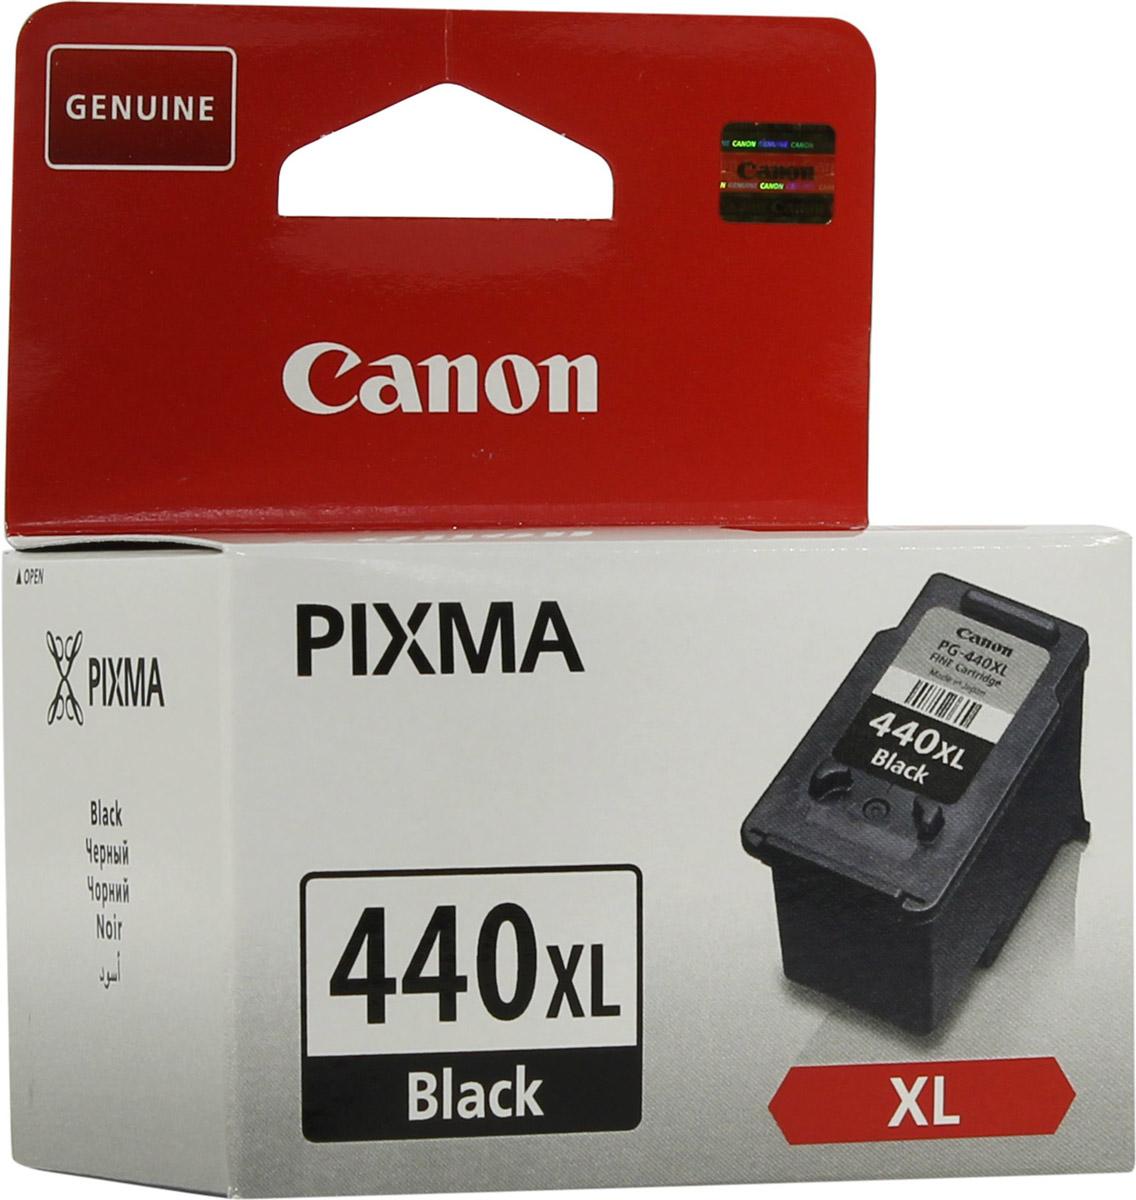 Картридж Canon PG-440 BK XL, черный, для струйного принтера, оригинал canon pg 510bk black картридж для струйных мфу принтеров